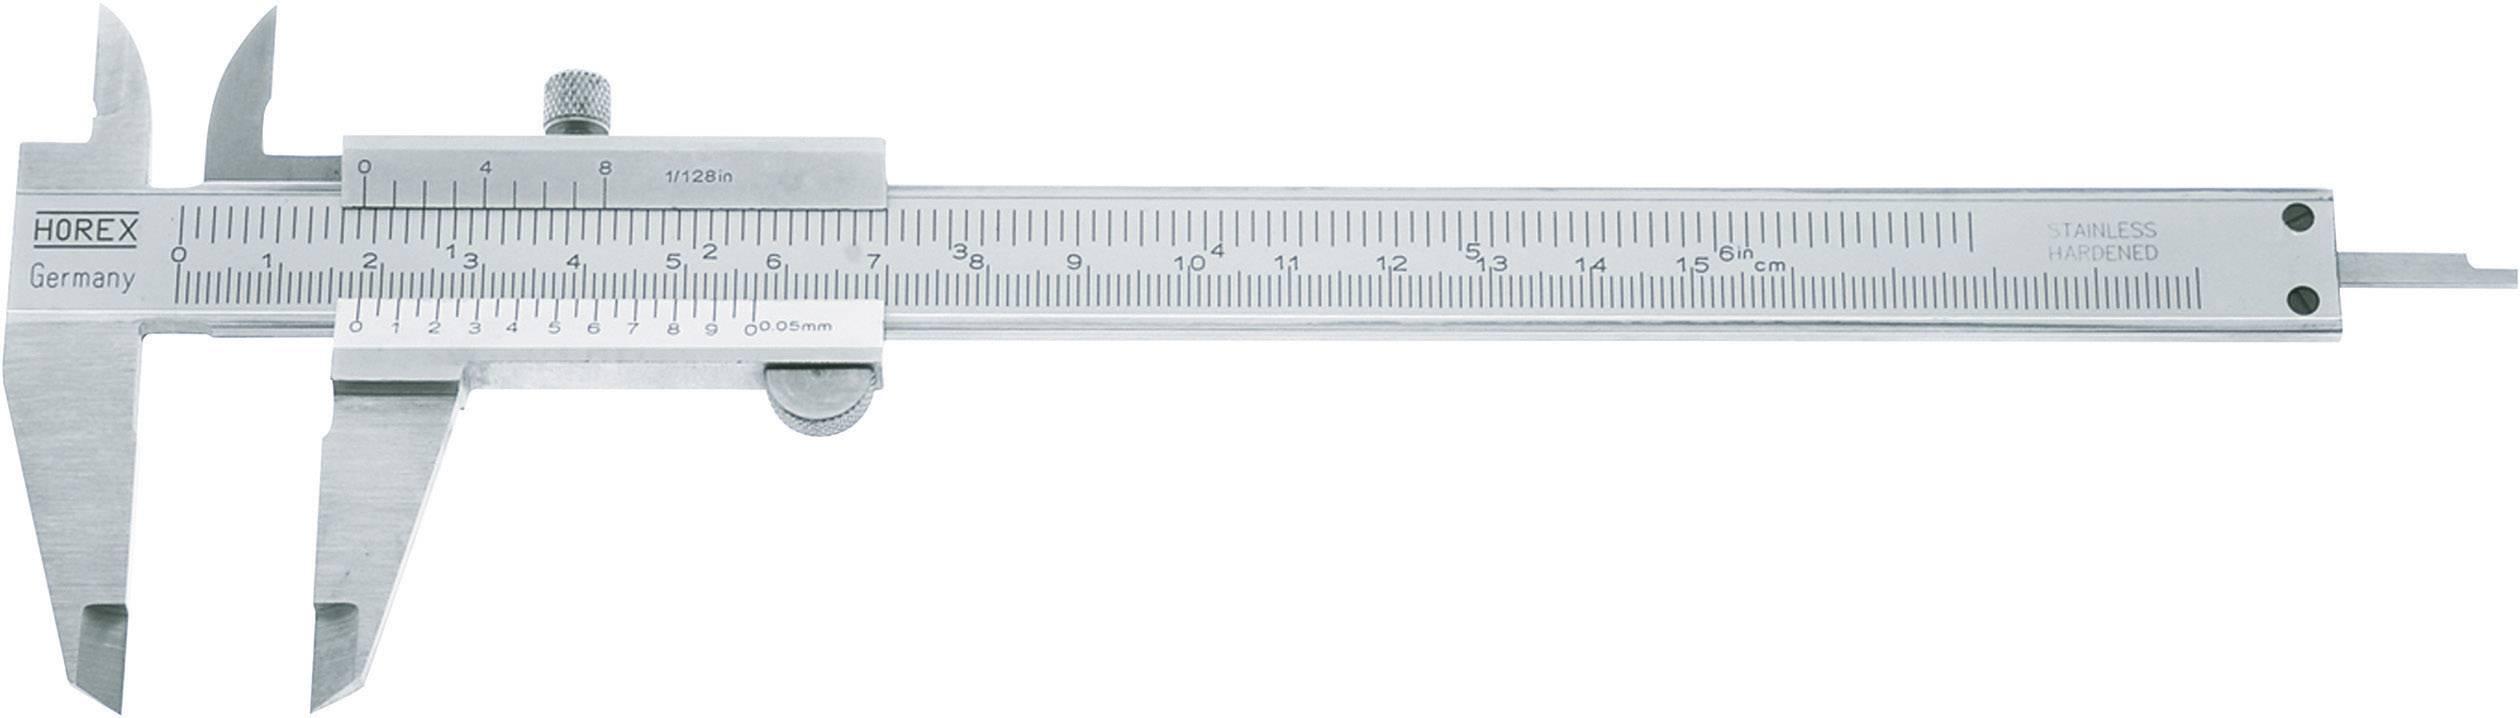 Kapesní posuvné měřítko Horex 2226516, měřicí rozsah 150 mm, Kalibrováno dle podnikový standard (bez certifikátu) (own)